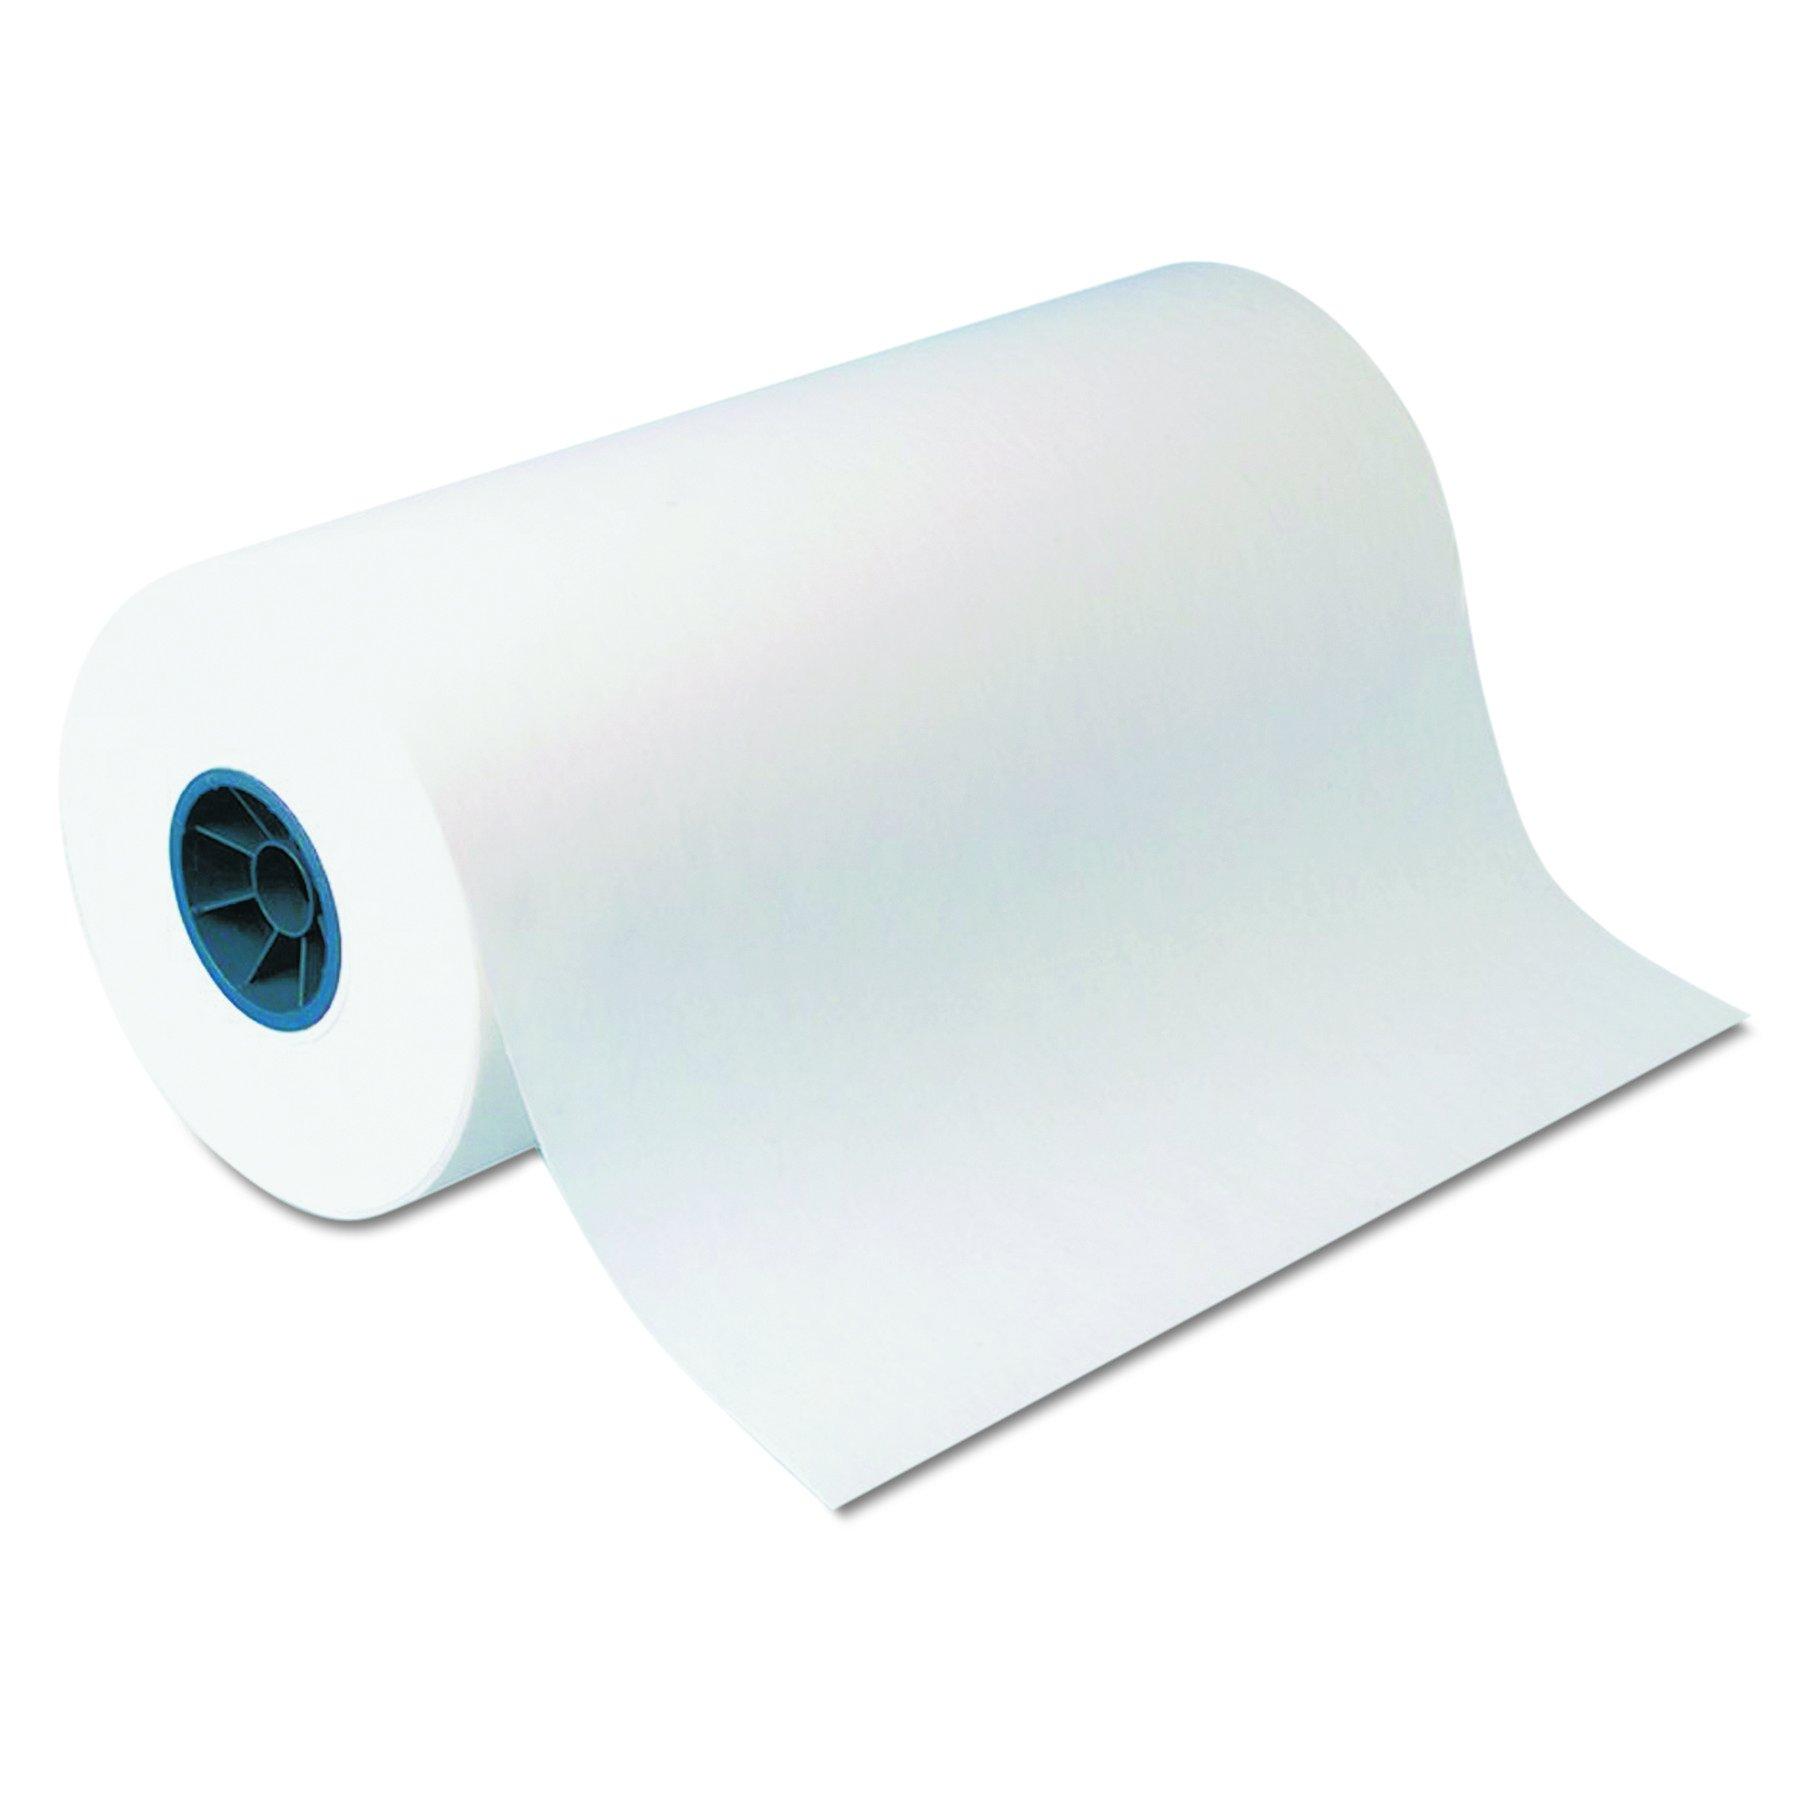 """Dixie Kold-Lok Freezer Paper by GP PRO (Georgia-Pacific), White, 18"""" W x 1,100' L, KL18, (Case of 1 Roll)"""